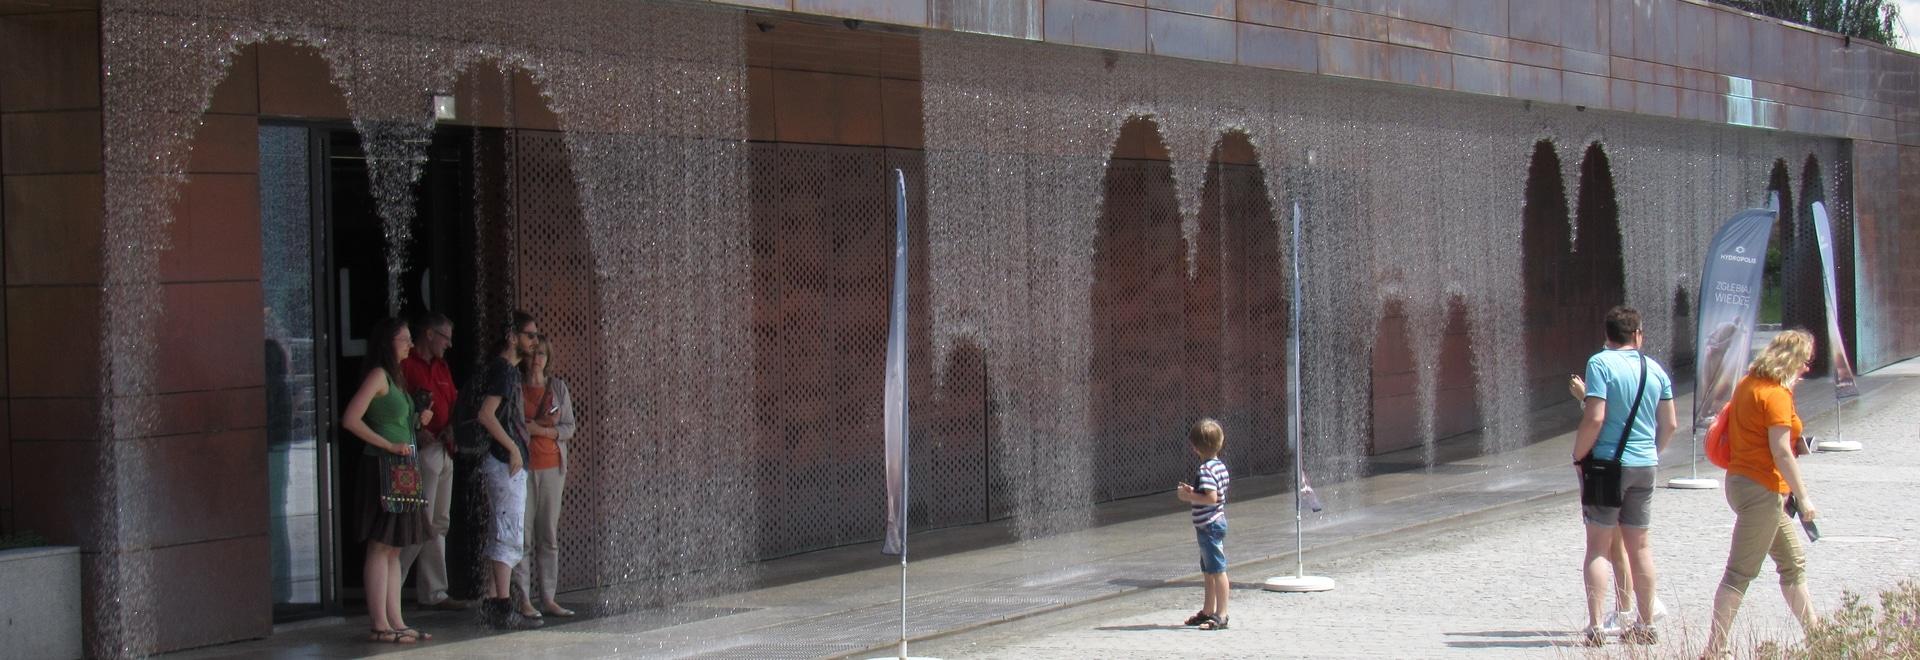 La cortina d'acqua di Digital ama il museo di Hydropolis